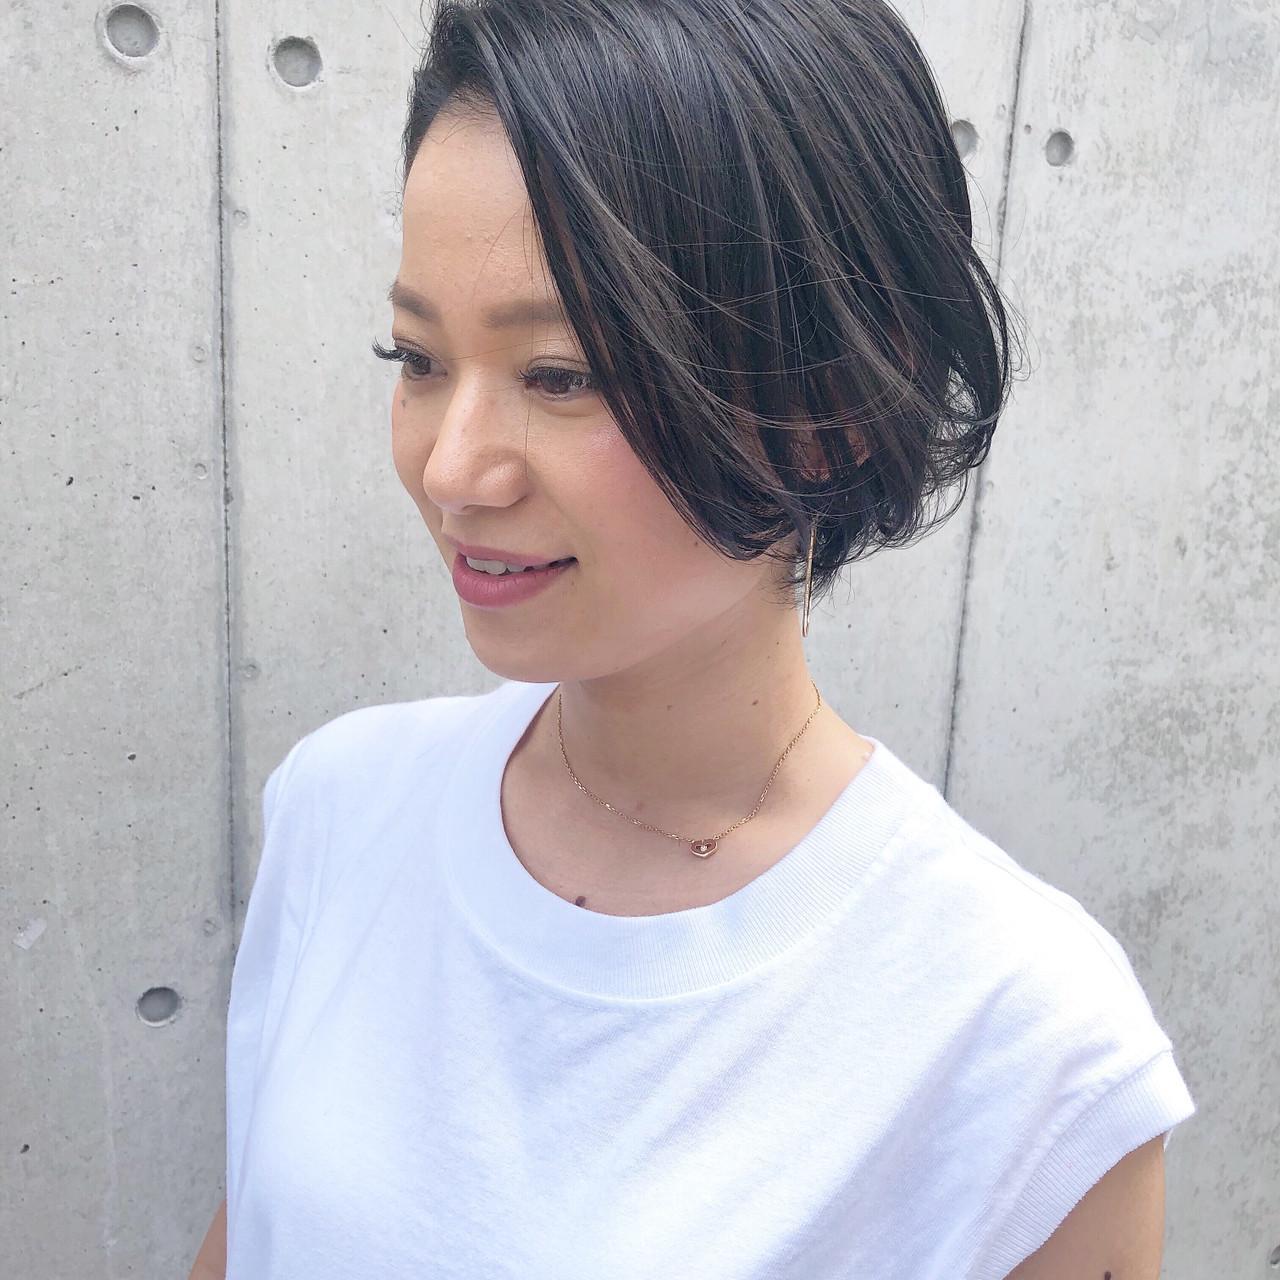 黒髪 ショート女子 ナチュラル オフィス ヘアスタイルや髪型の写真・画像